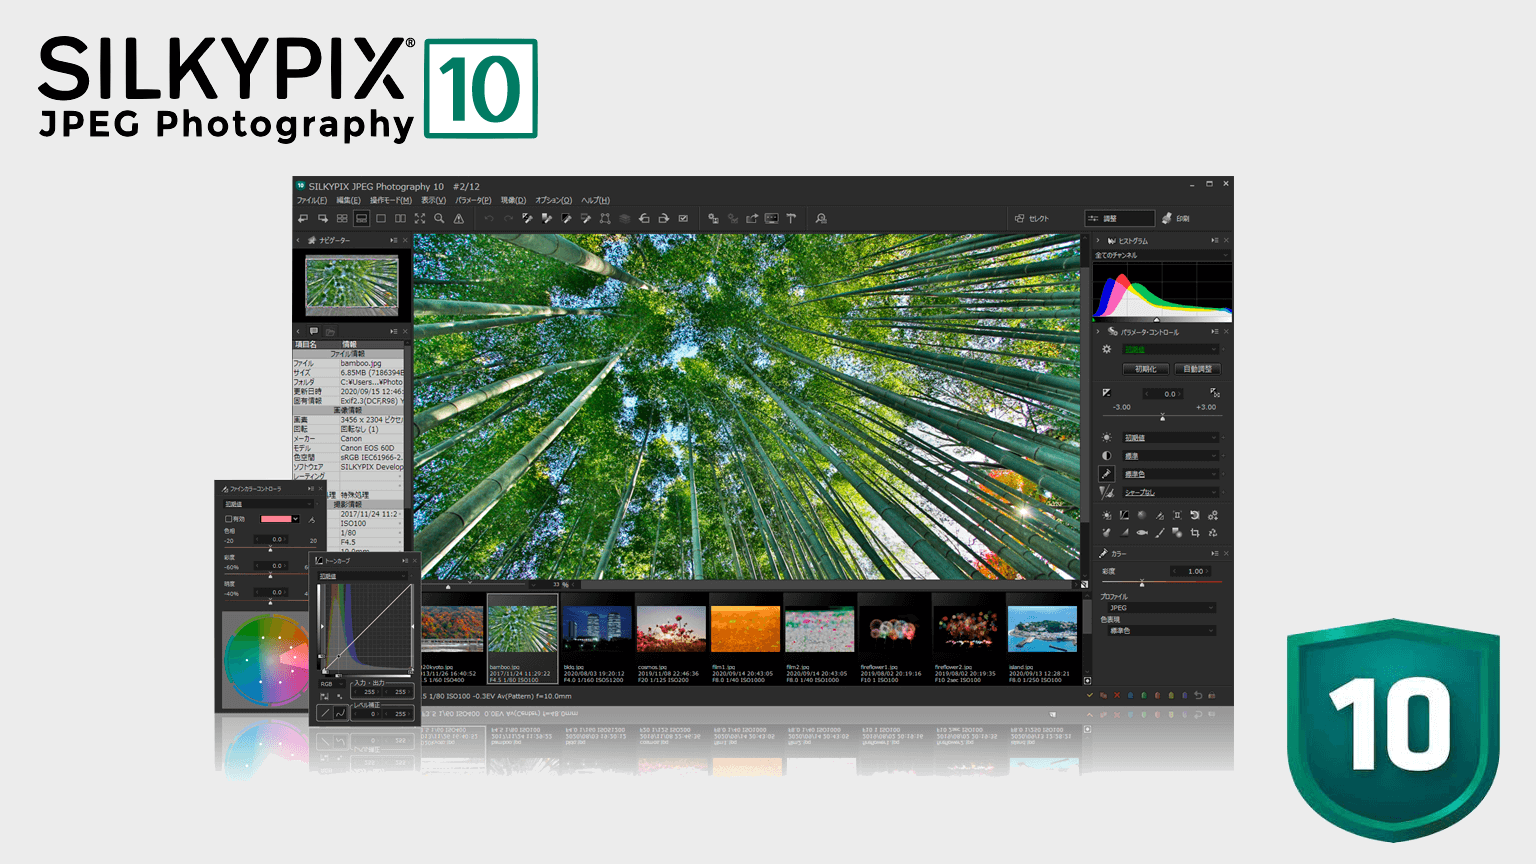 期間限定特別価格のSILKYPIX® JPEG Photography 10を購入する!